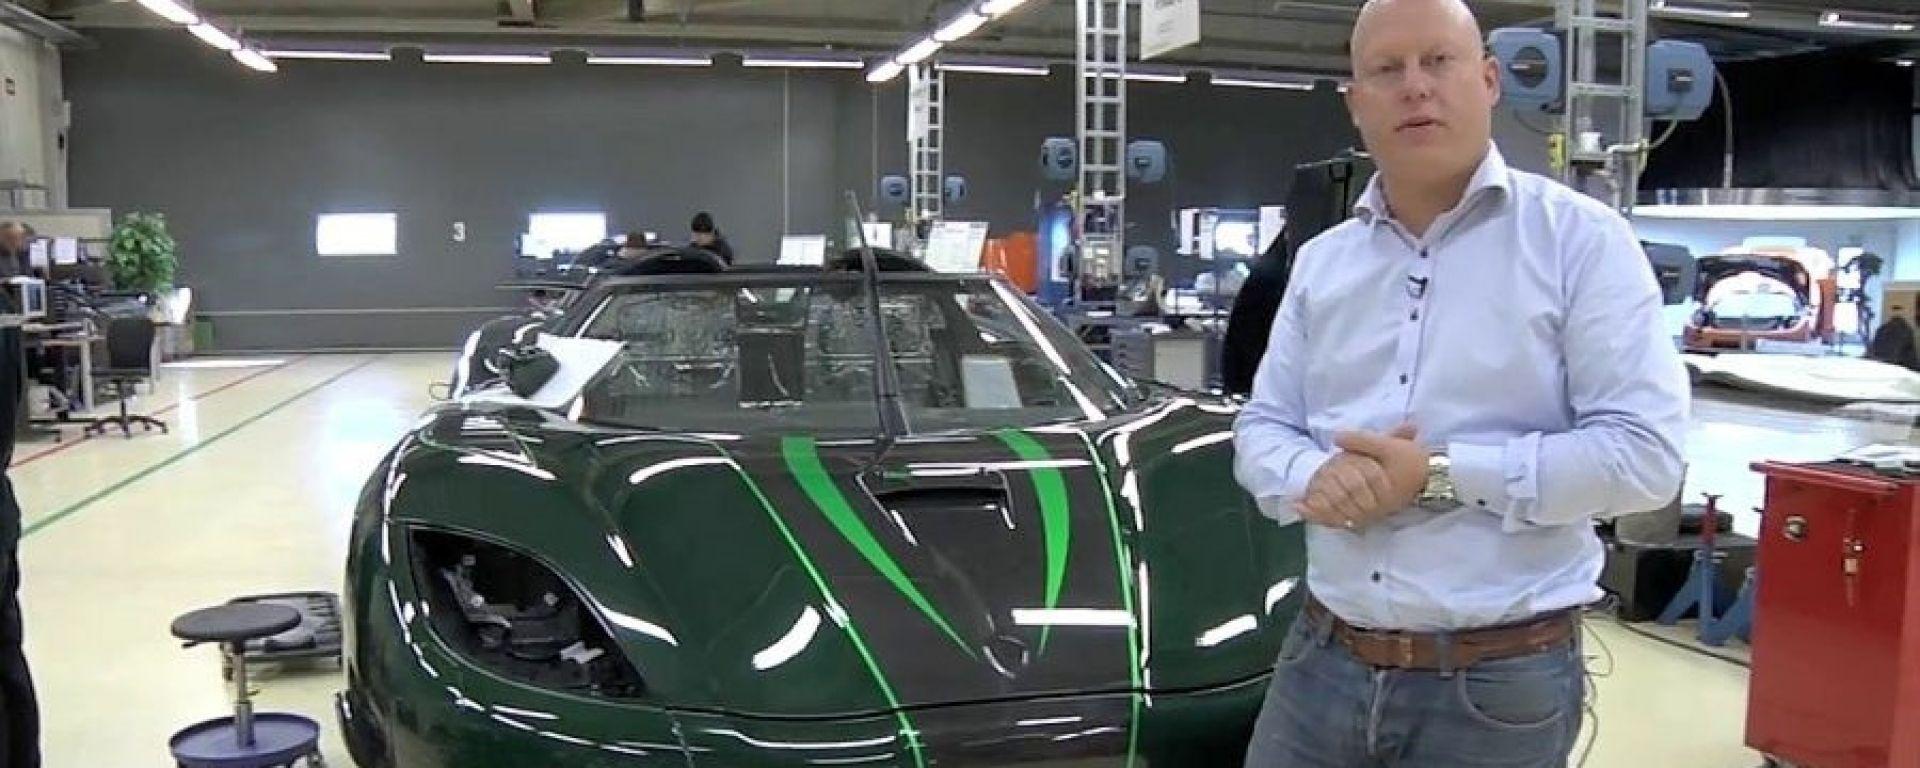 Come si inizia a costruire supercar? Koenigsegg ve lo spiega